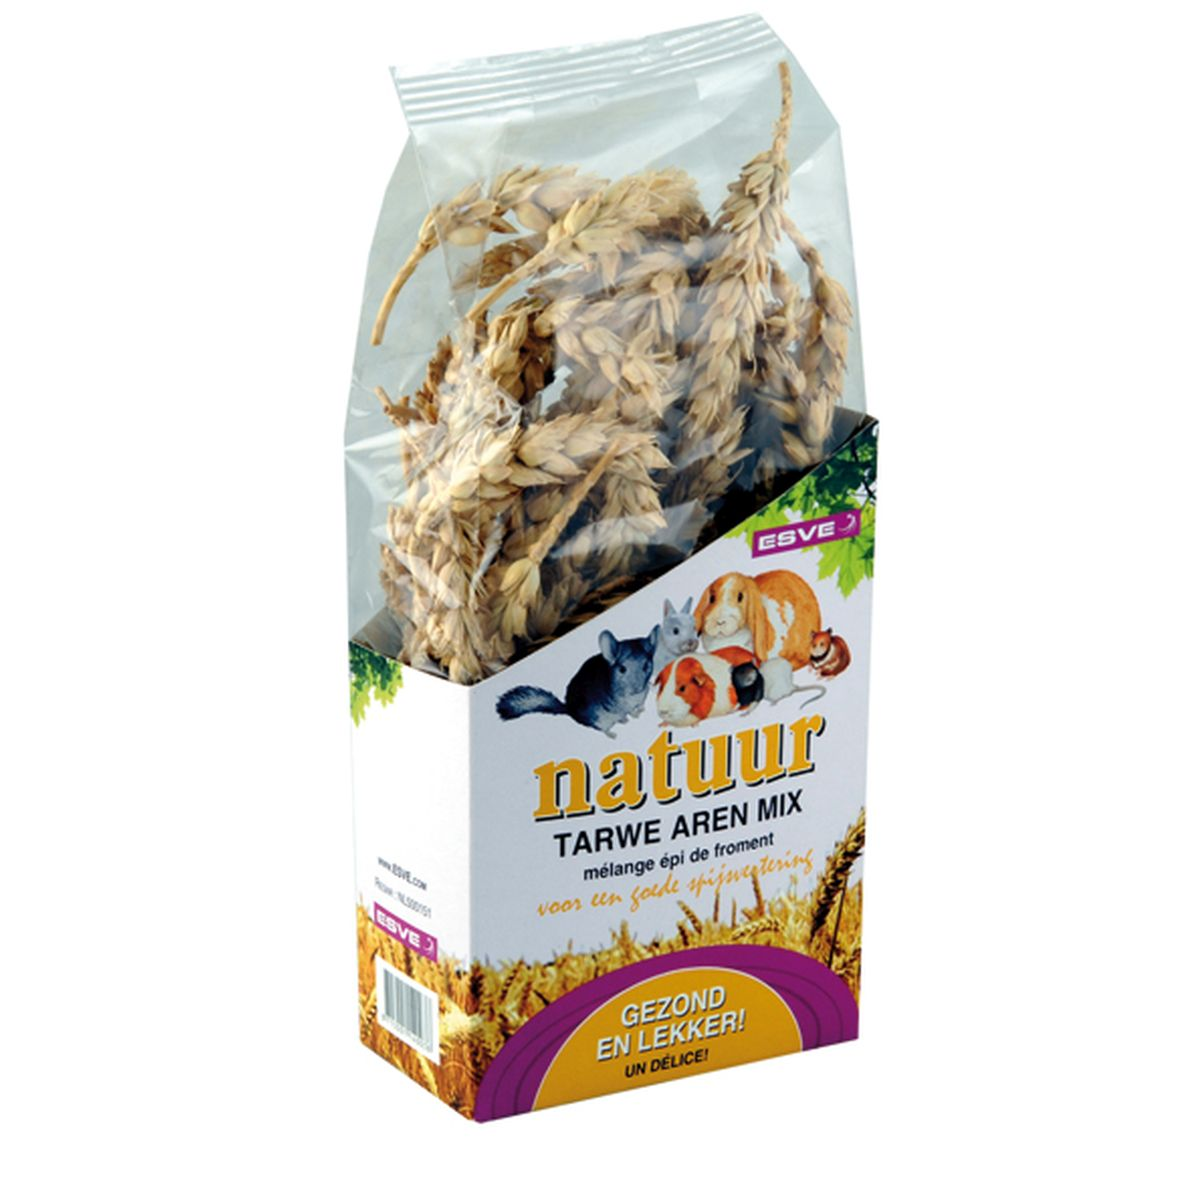 Esve - natuur tarwe aren mix meerkleurig 90 gram